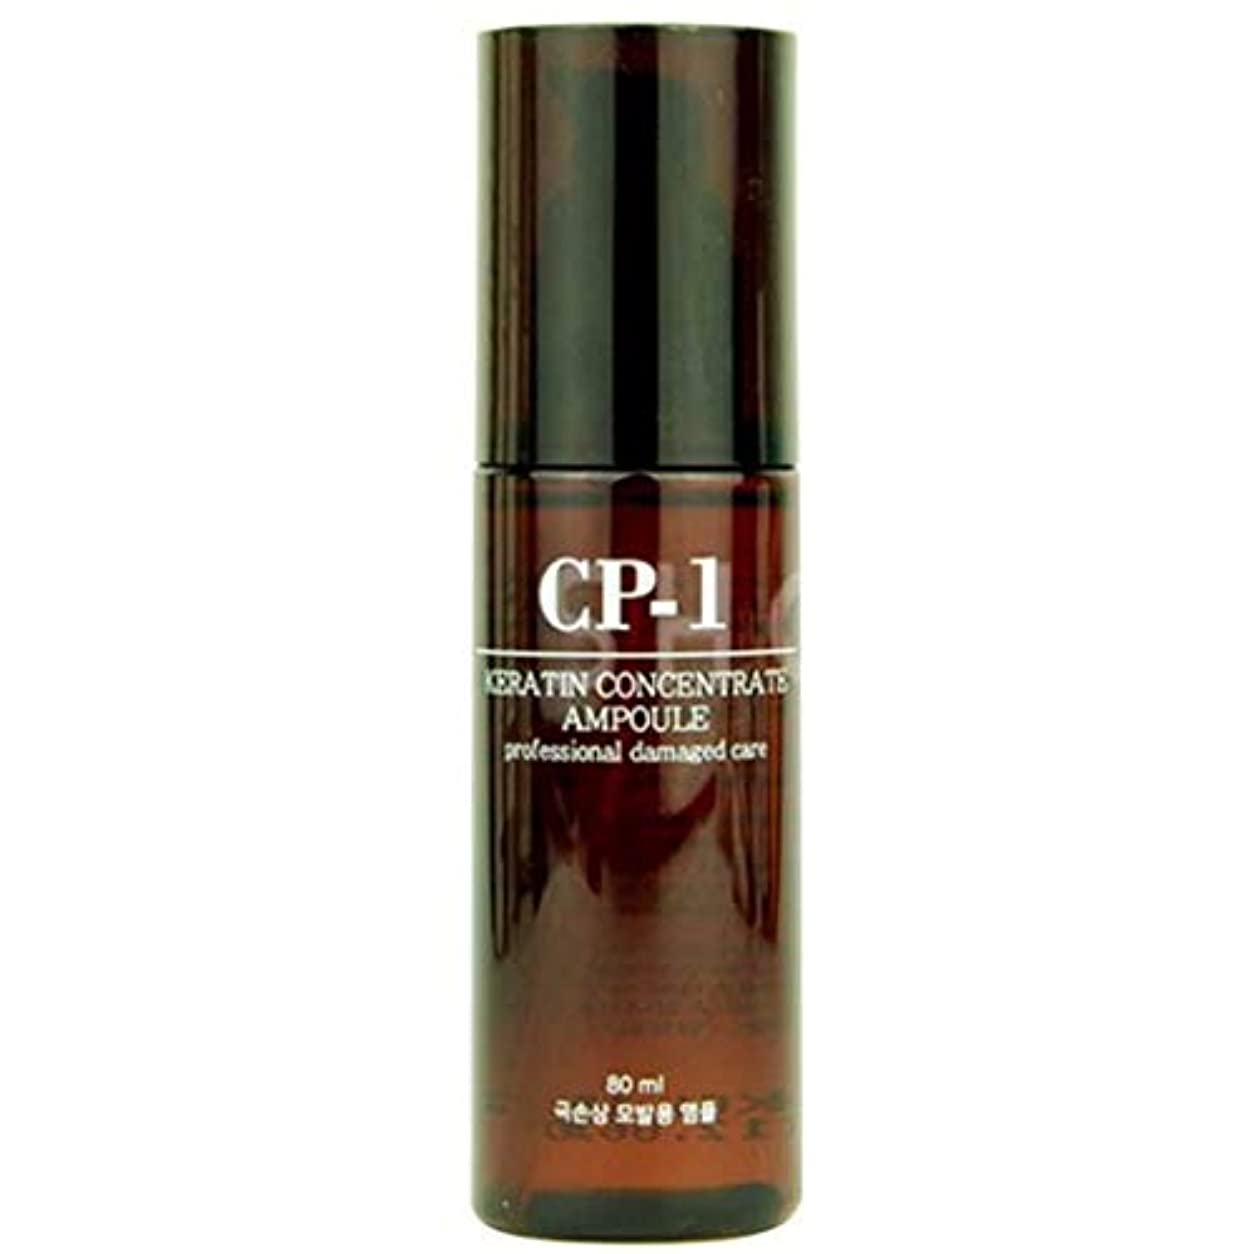 生き残りドア旋回Esthetic House CP-1 ヘアアンプル Keratin Concentrate Ampoule 80ml プロ傷んだヘアケア Professional Damaged Hair Care, 韩国正品